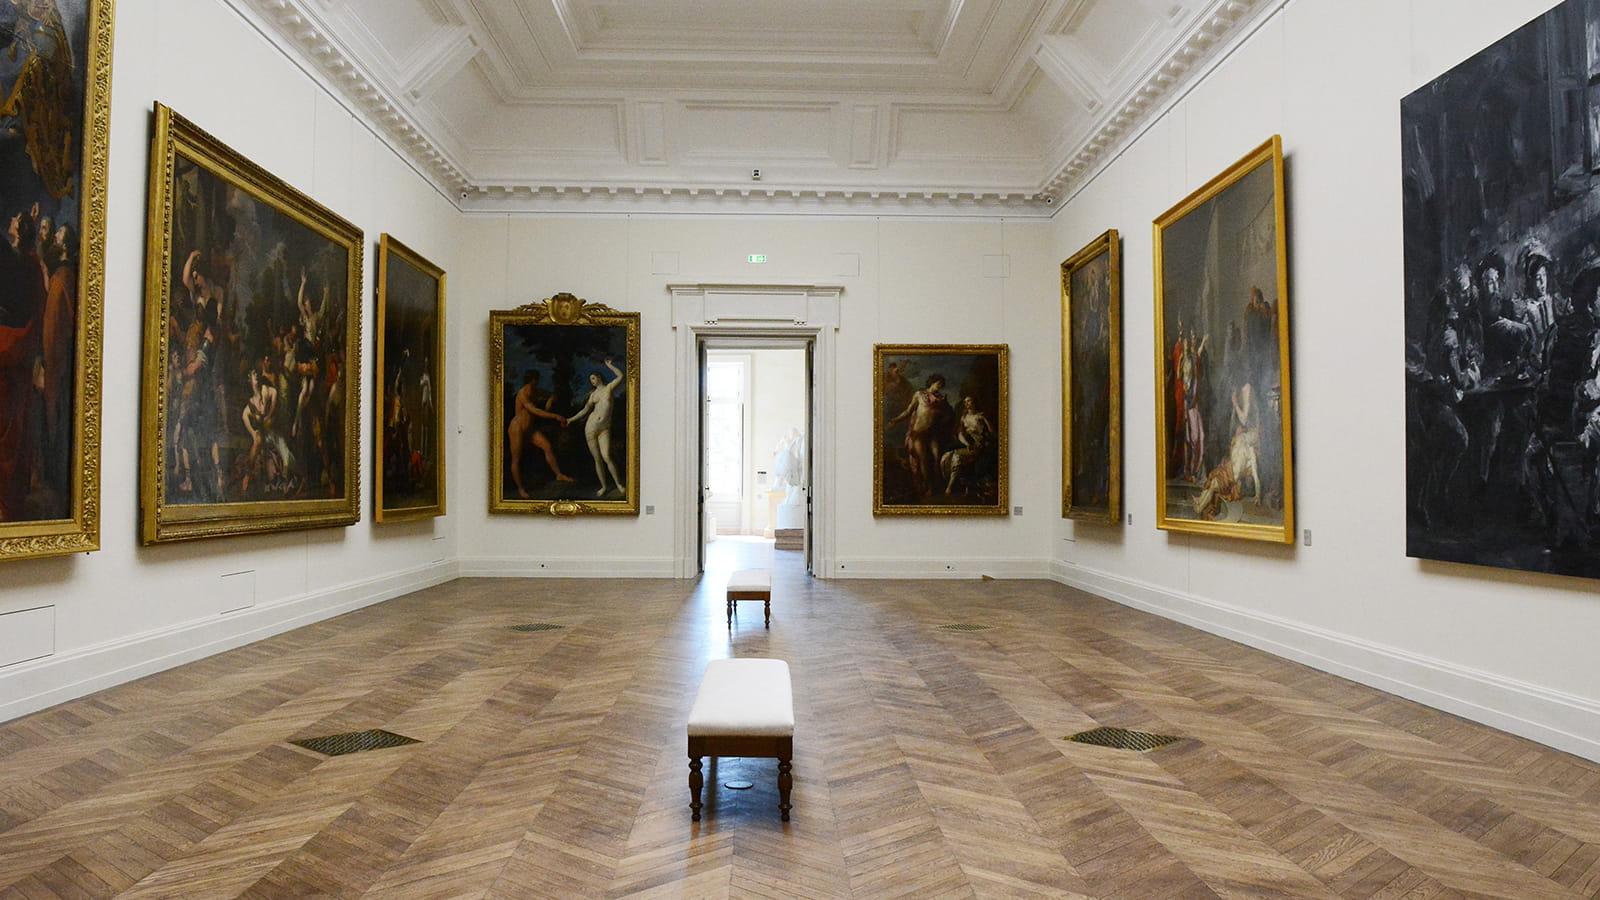 Galerie intérieure du Musée des Beaux-Arts